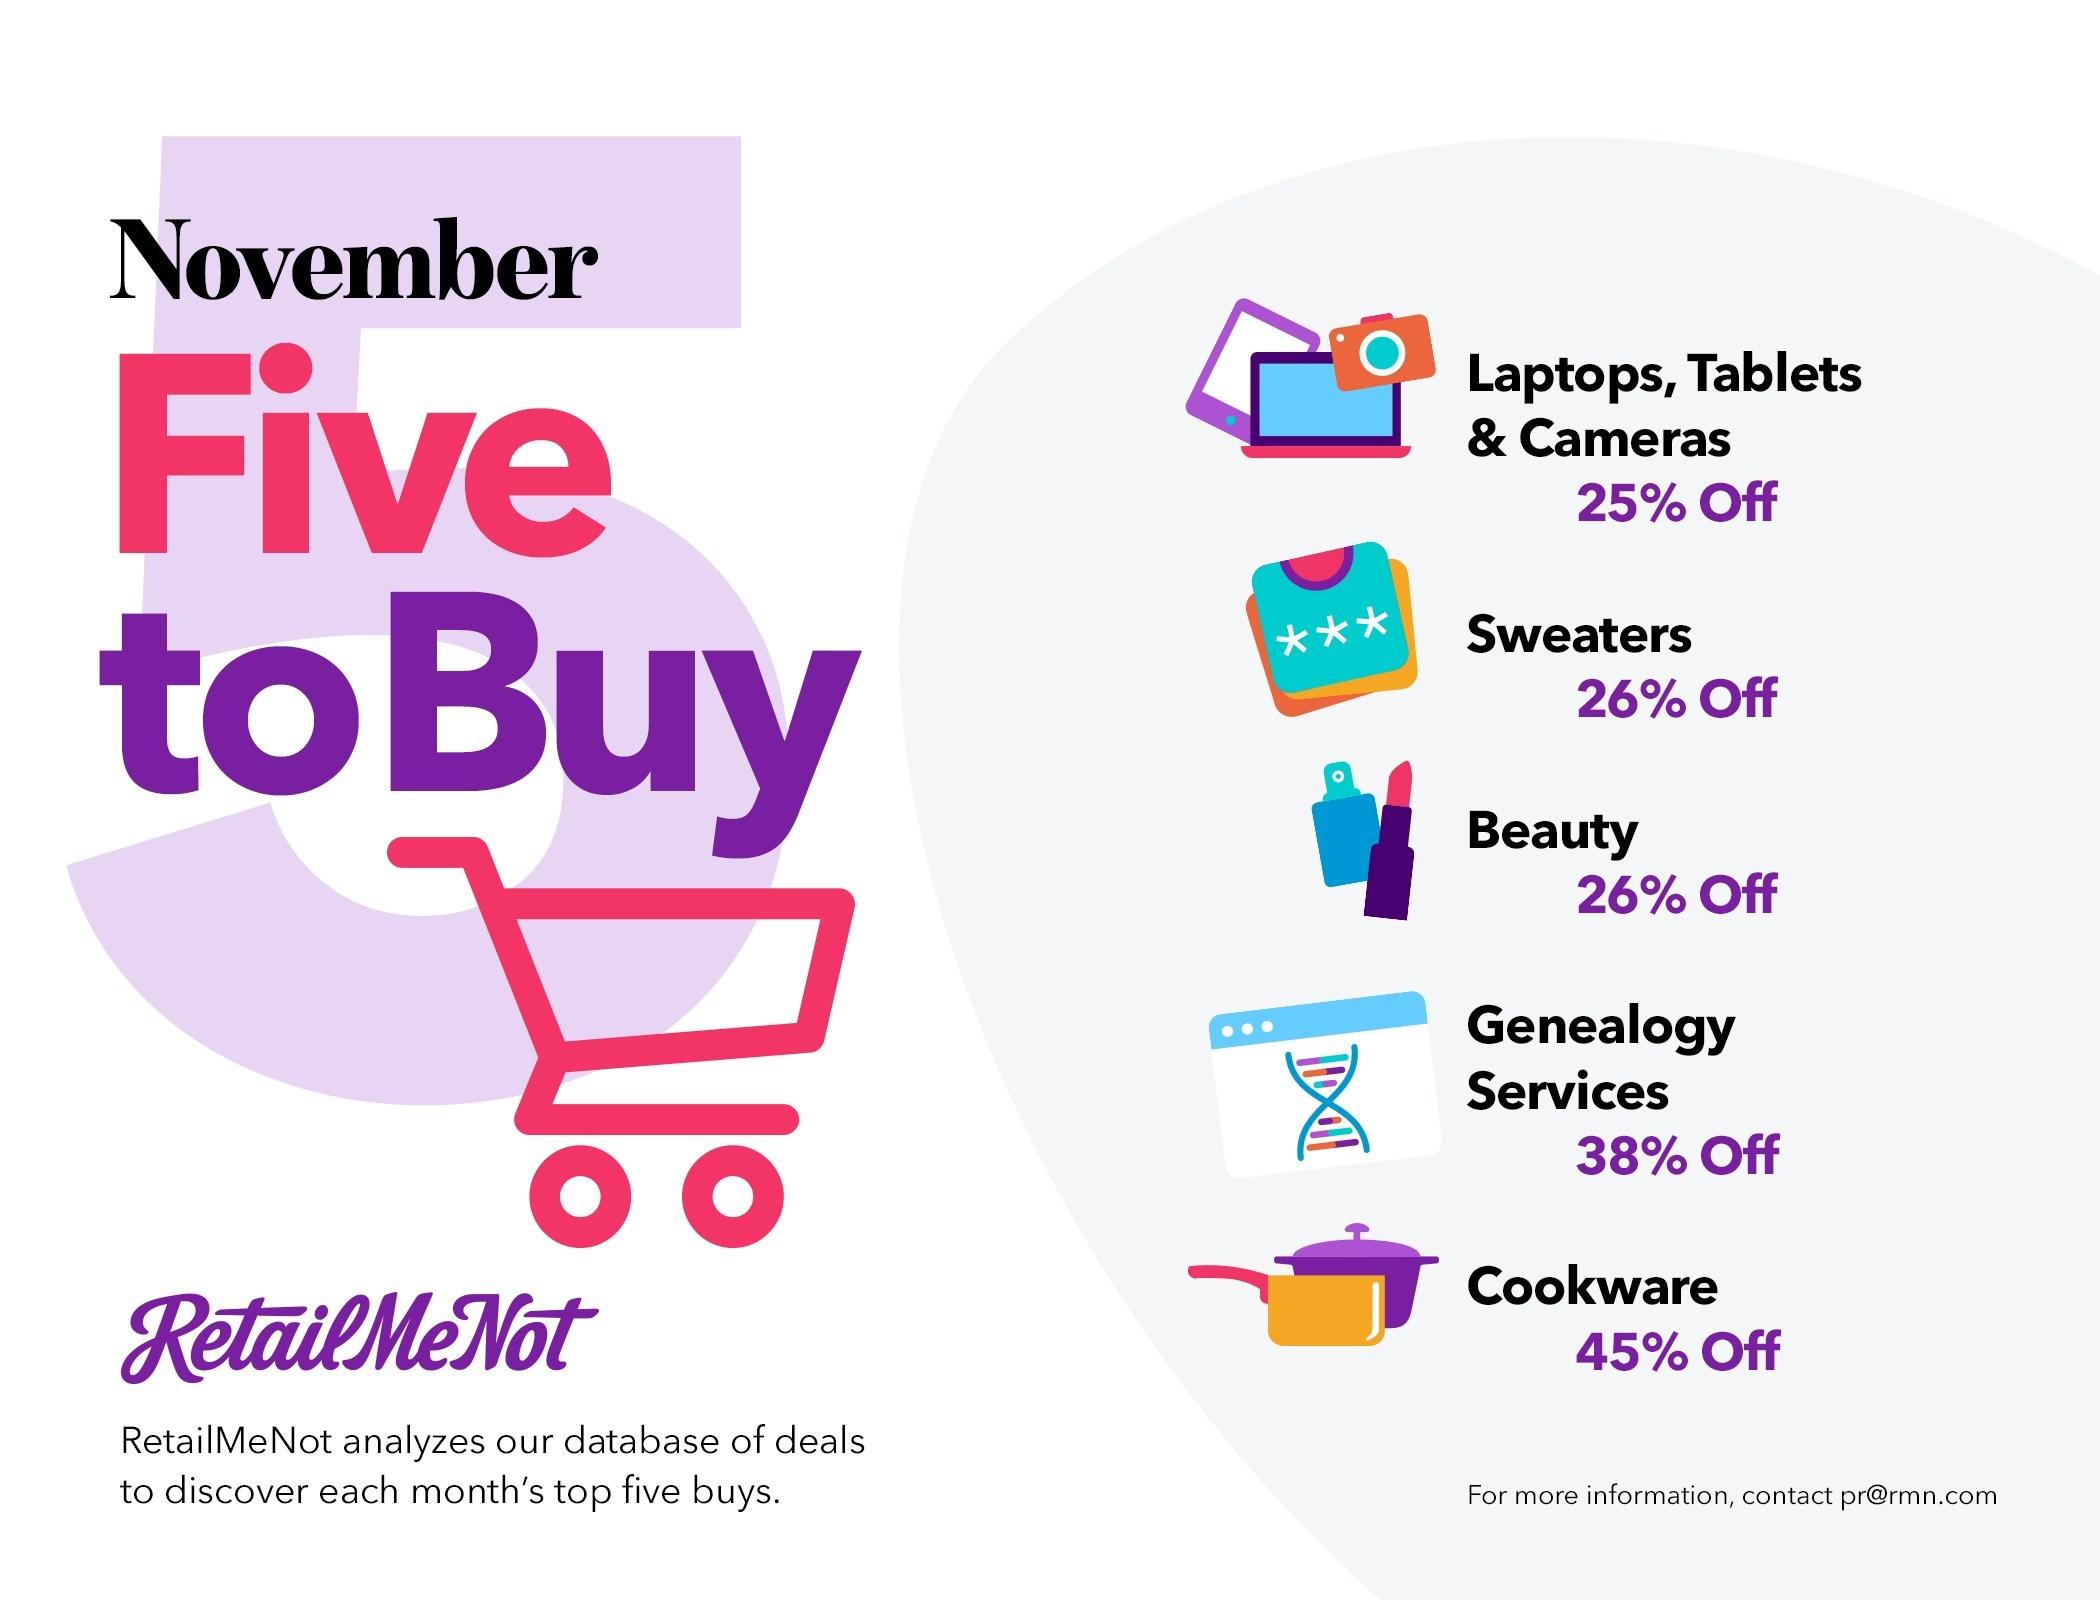 Retailmenot S 5 To Buy In November